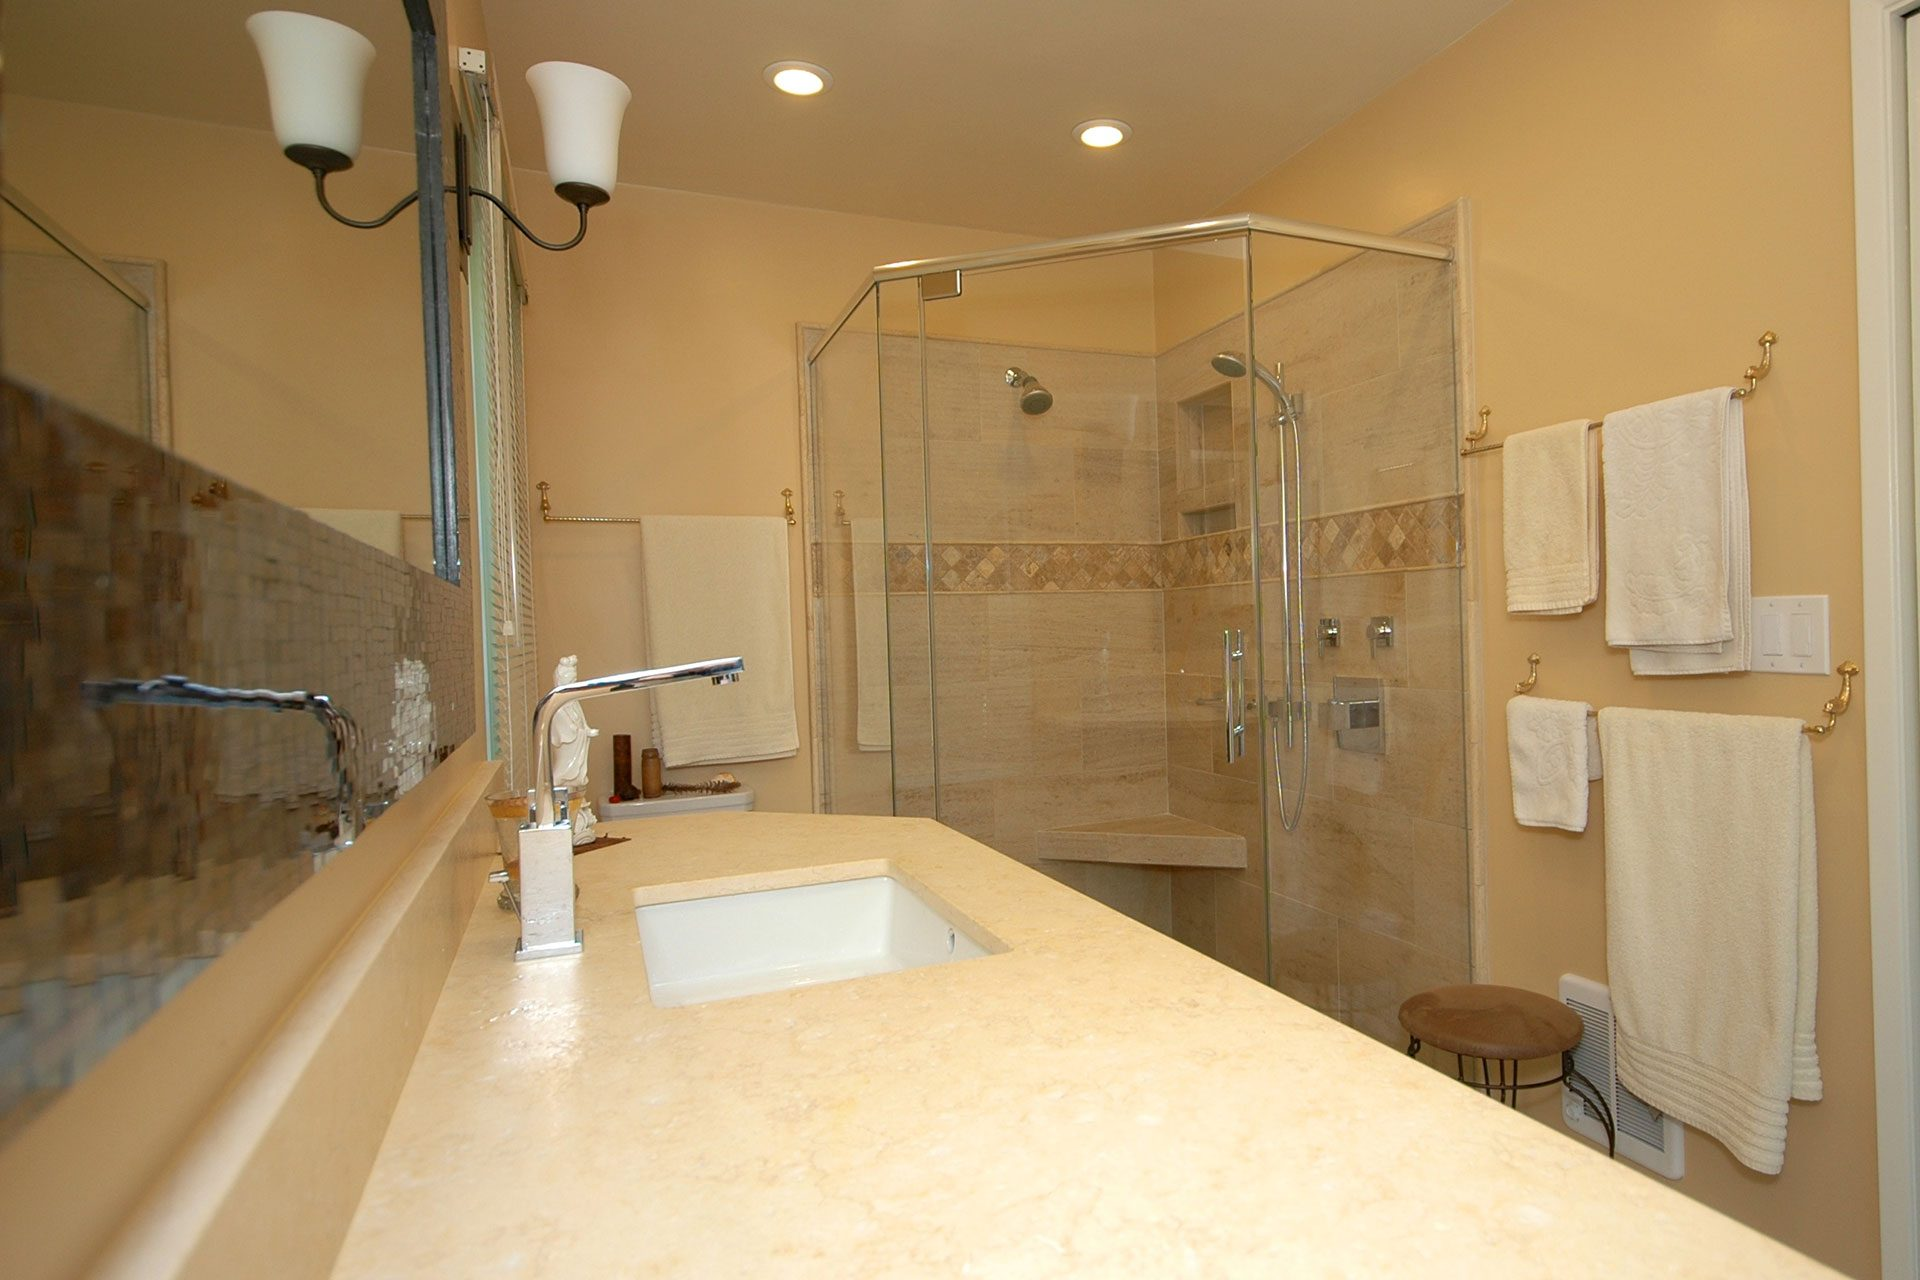 tan bathroom counter top